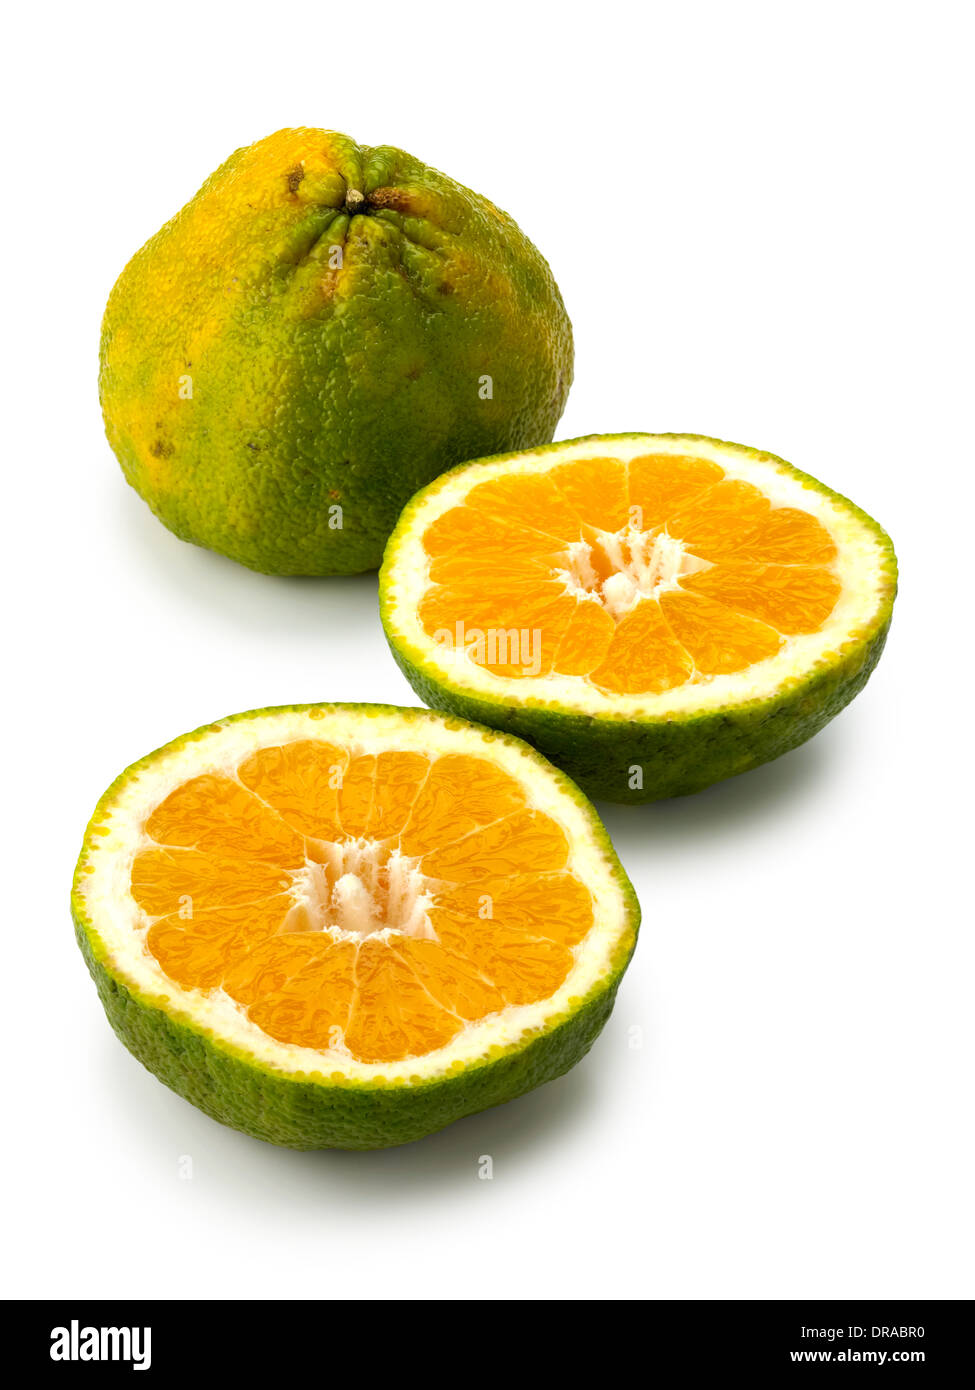 ugli fruit - Stock Image